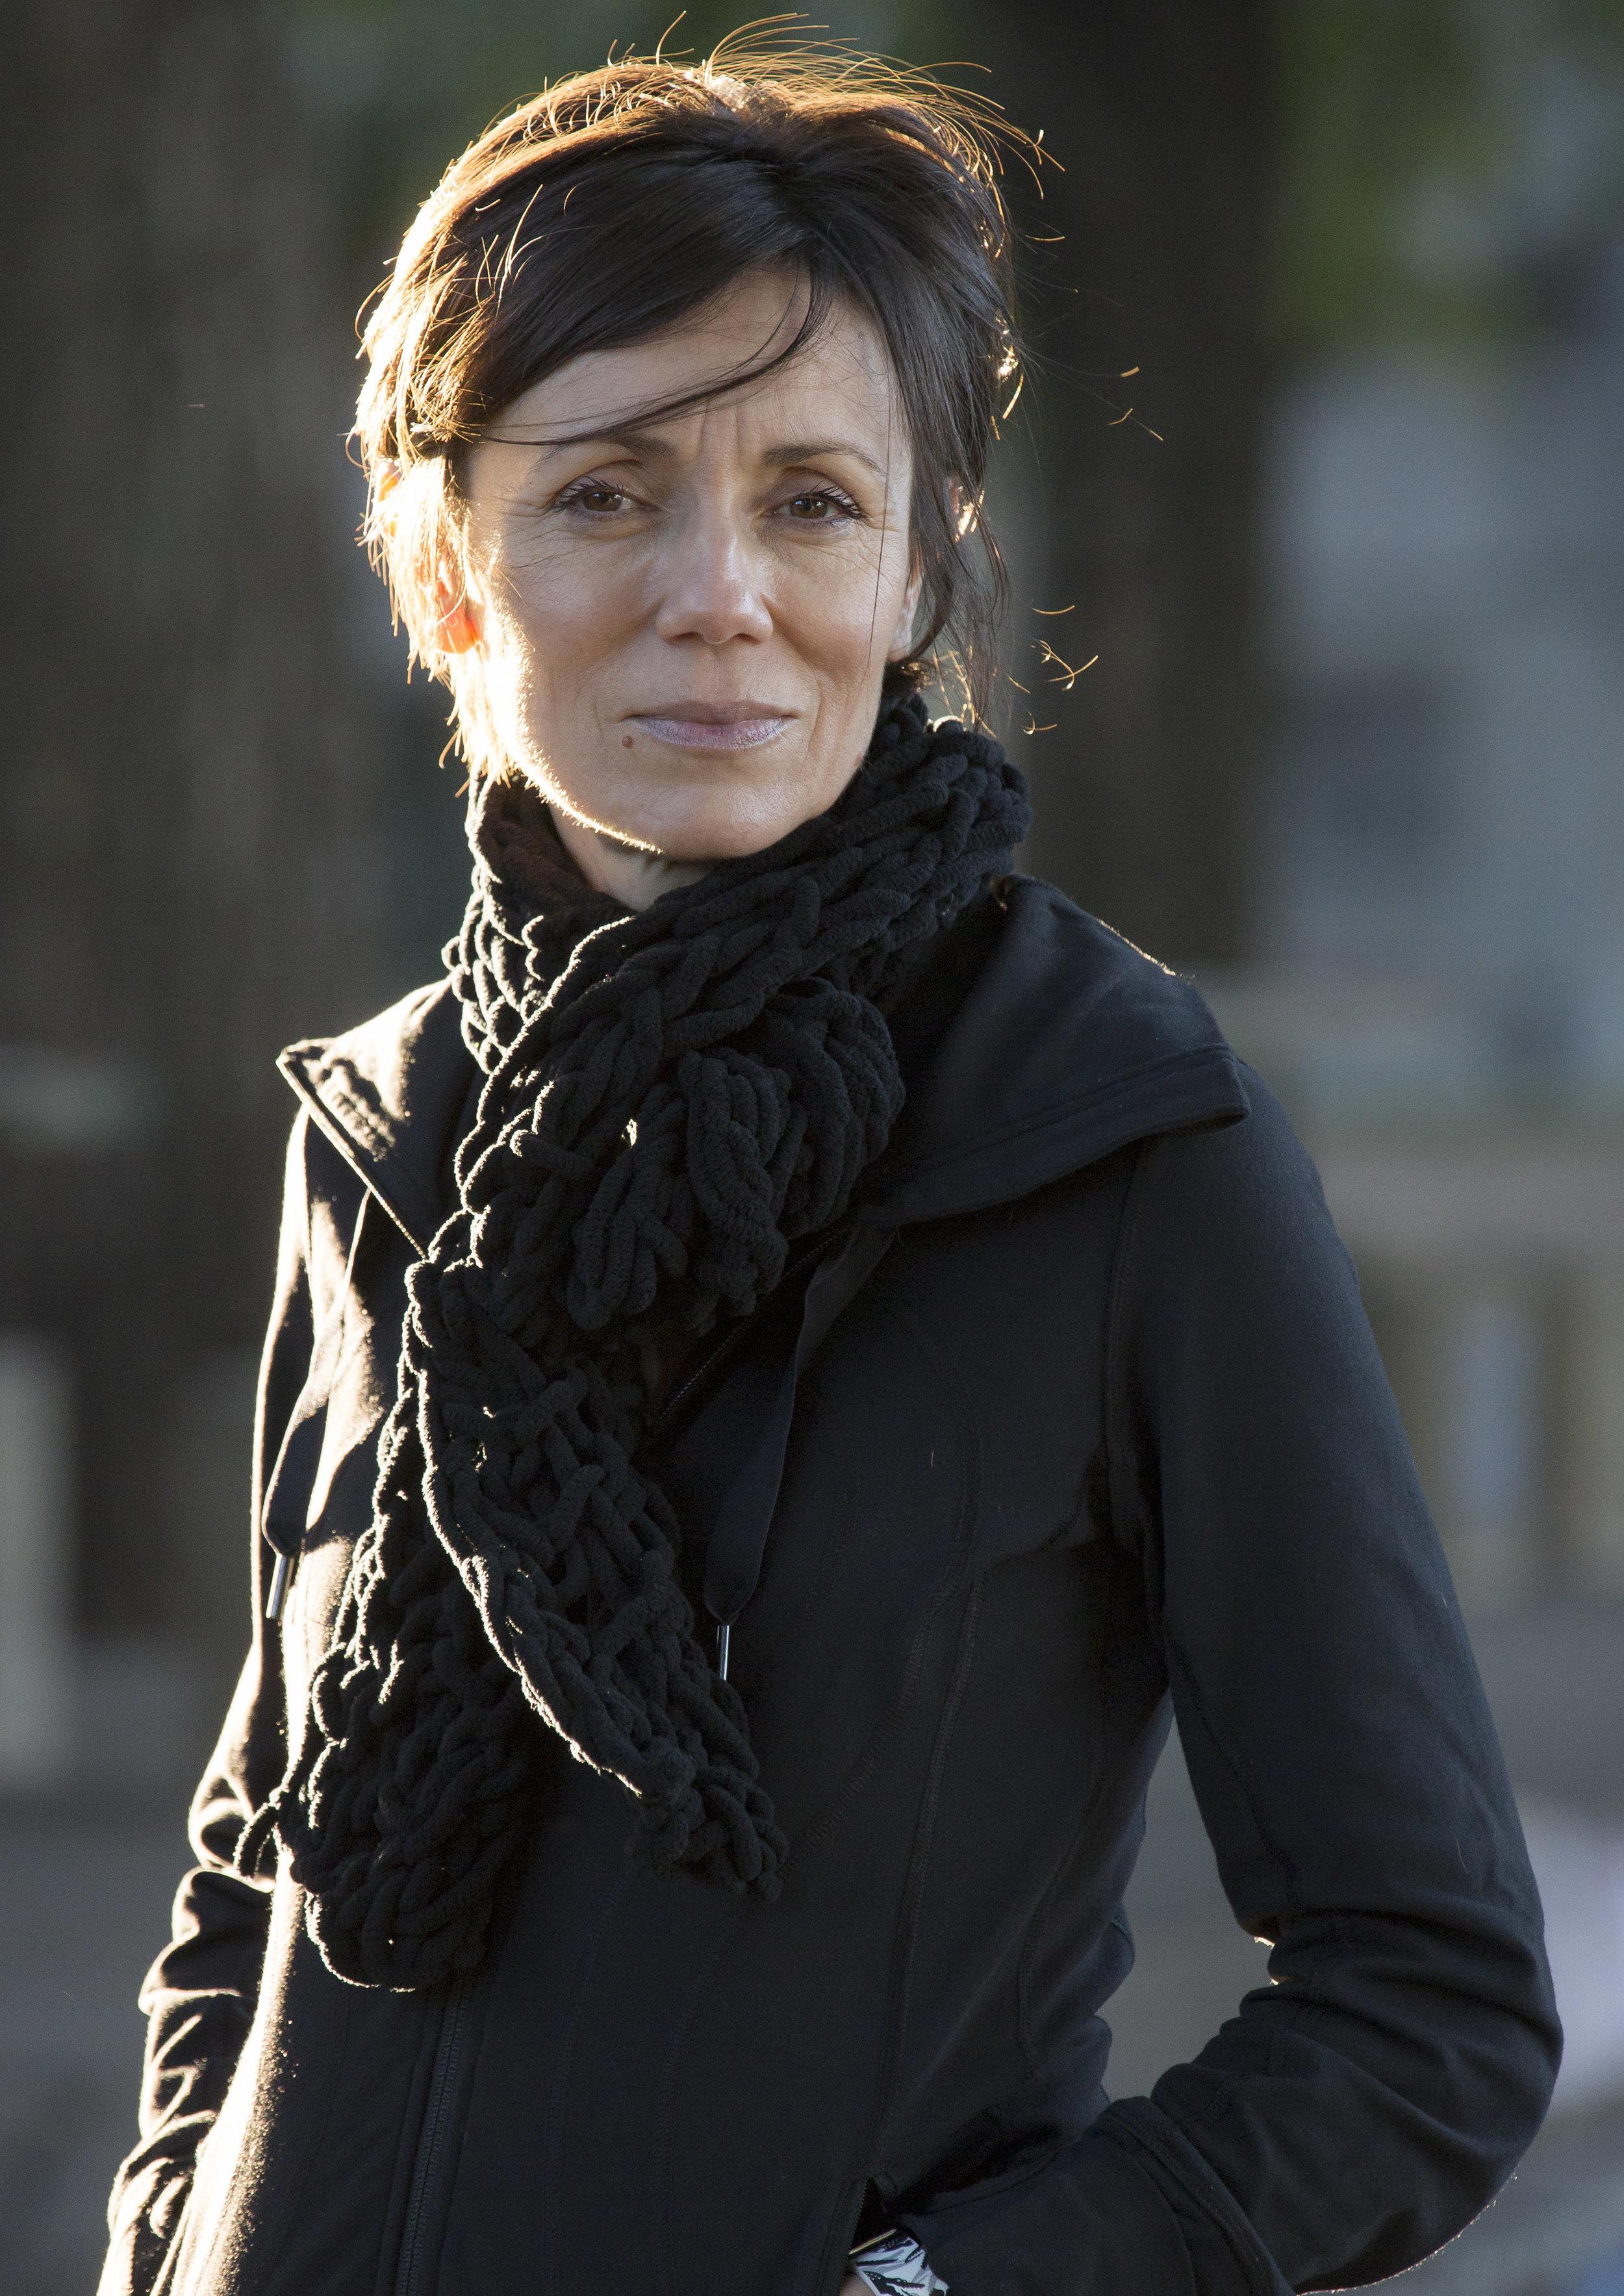 María Sonia Cristoff